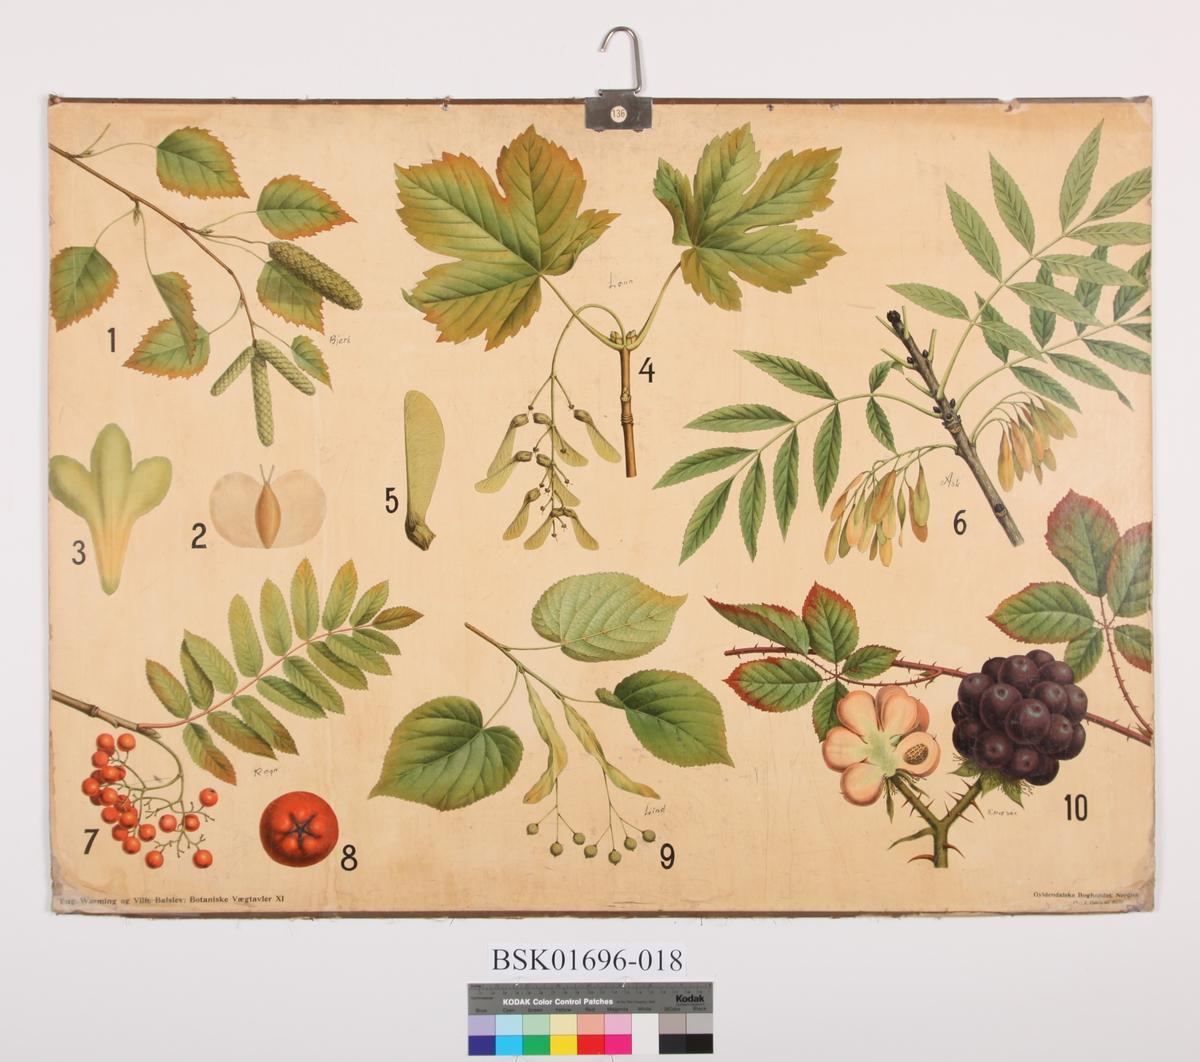 Blad og frukt av bjerk, lønn, ask, rogn, lind og bjørnebær